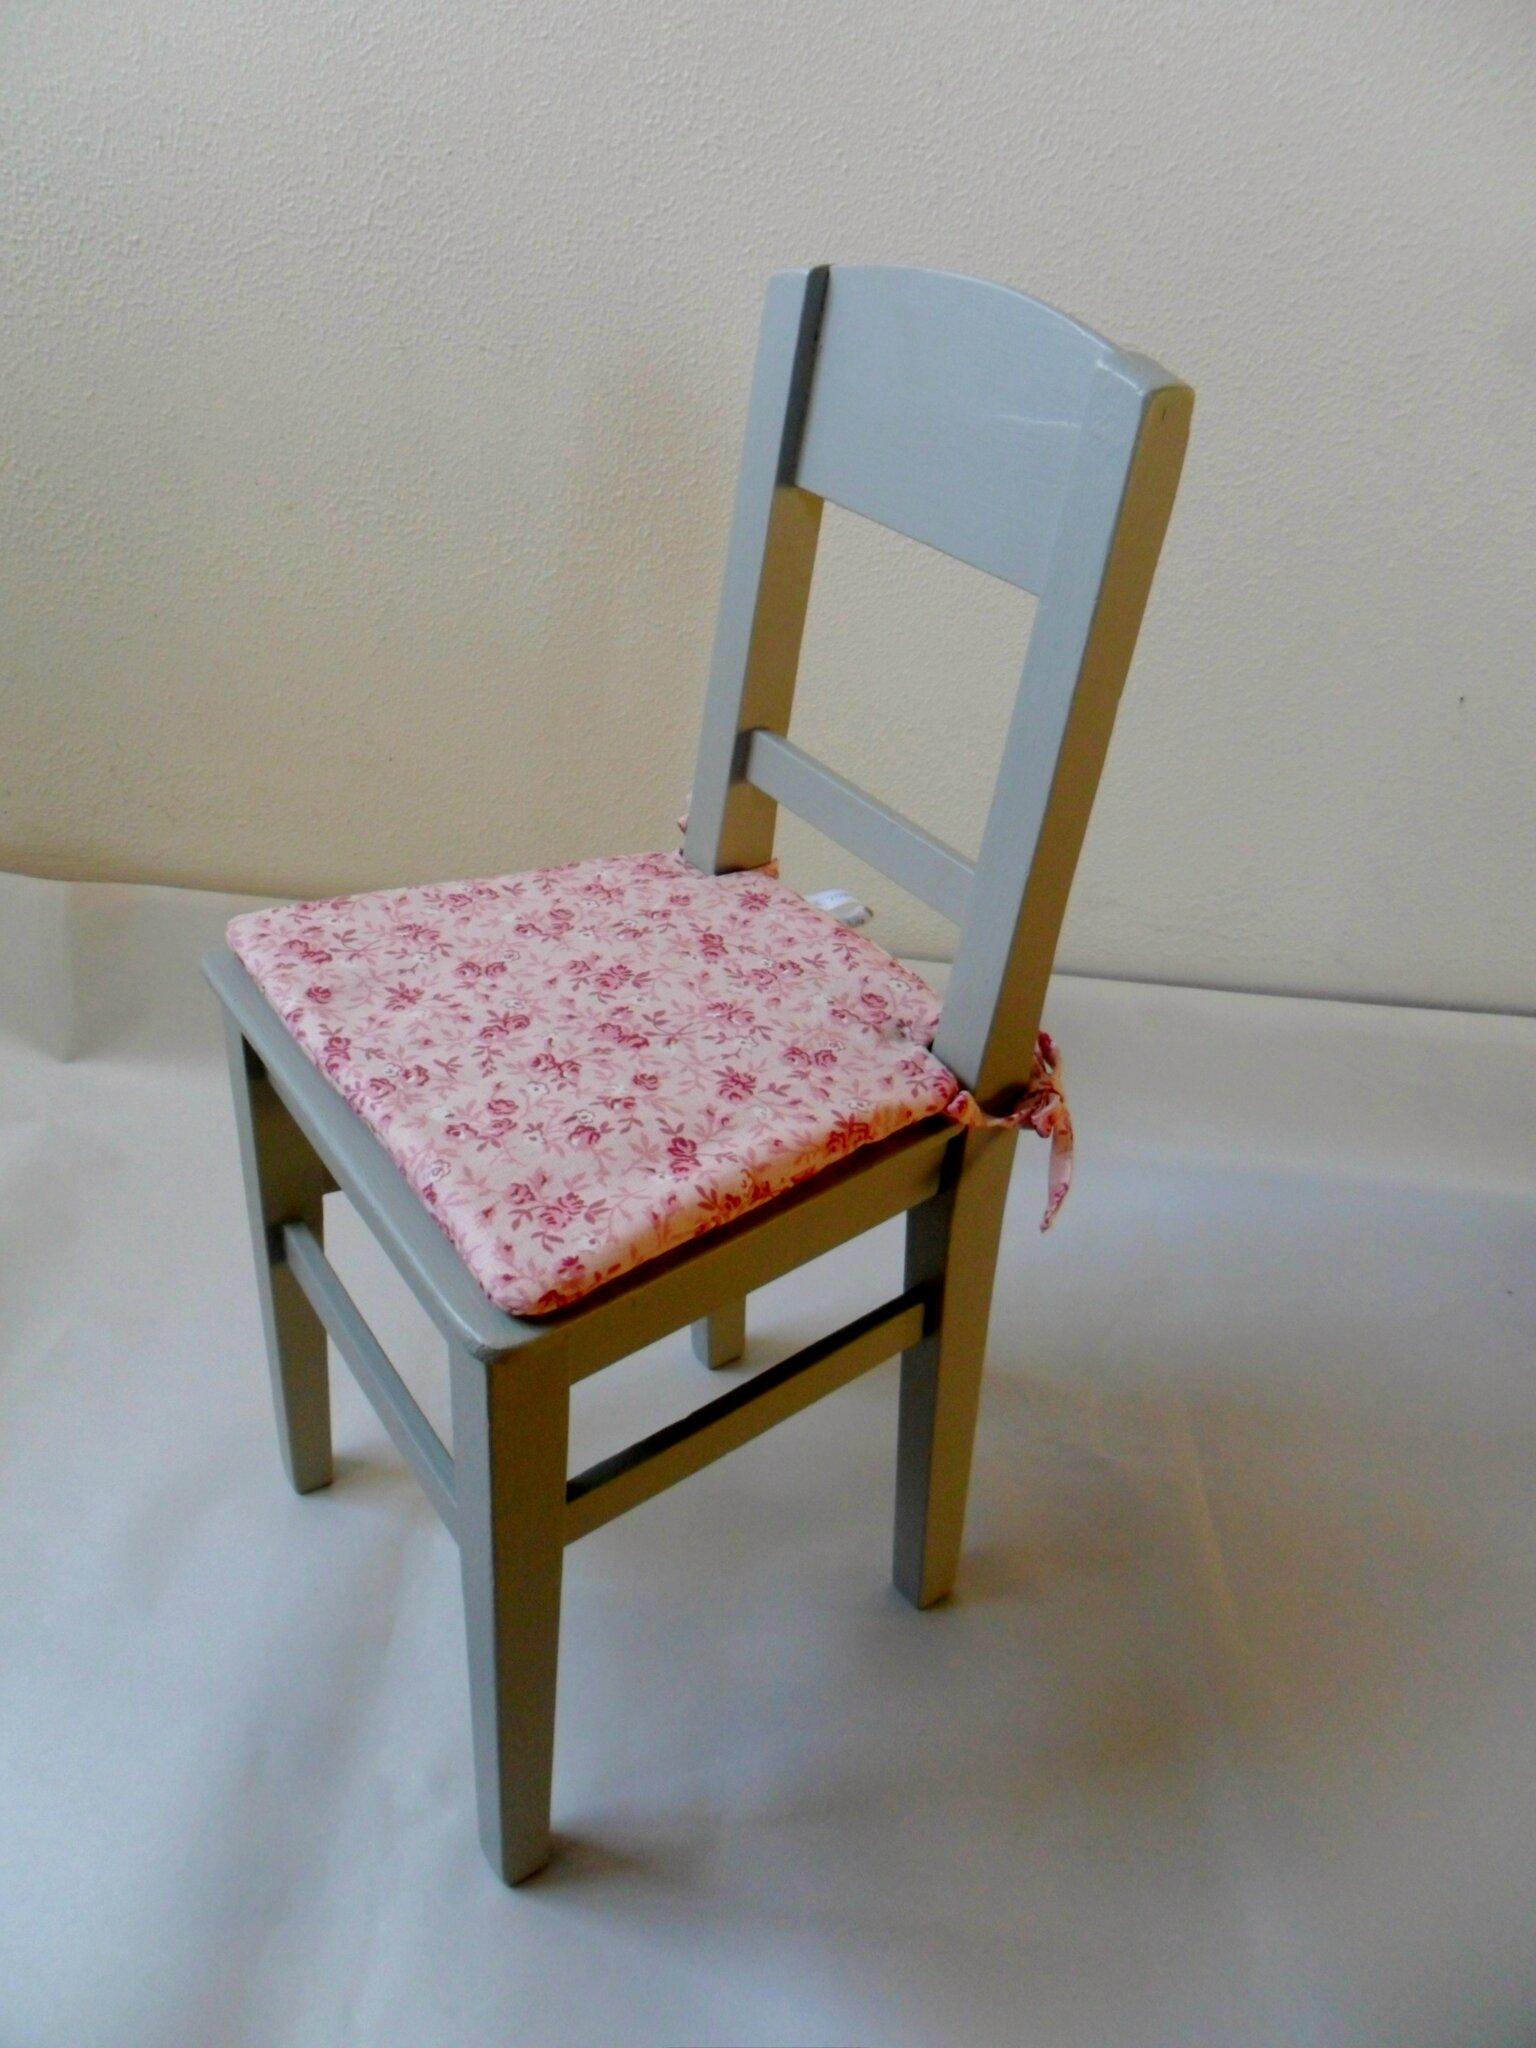 Petite chaise basse pour poupée repeinte et granie d'un coussin sur-mesure 32€